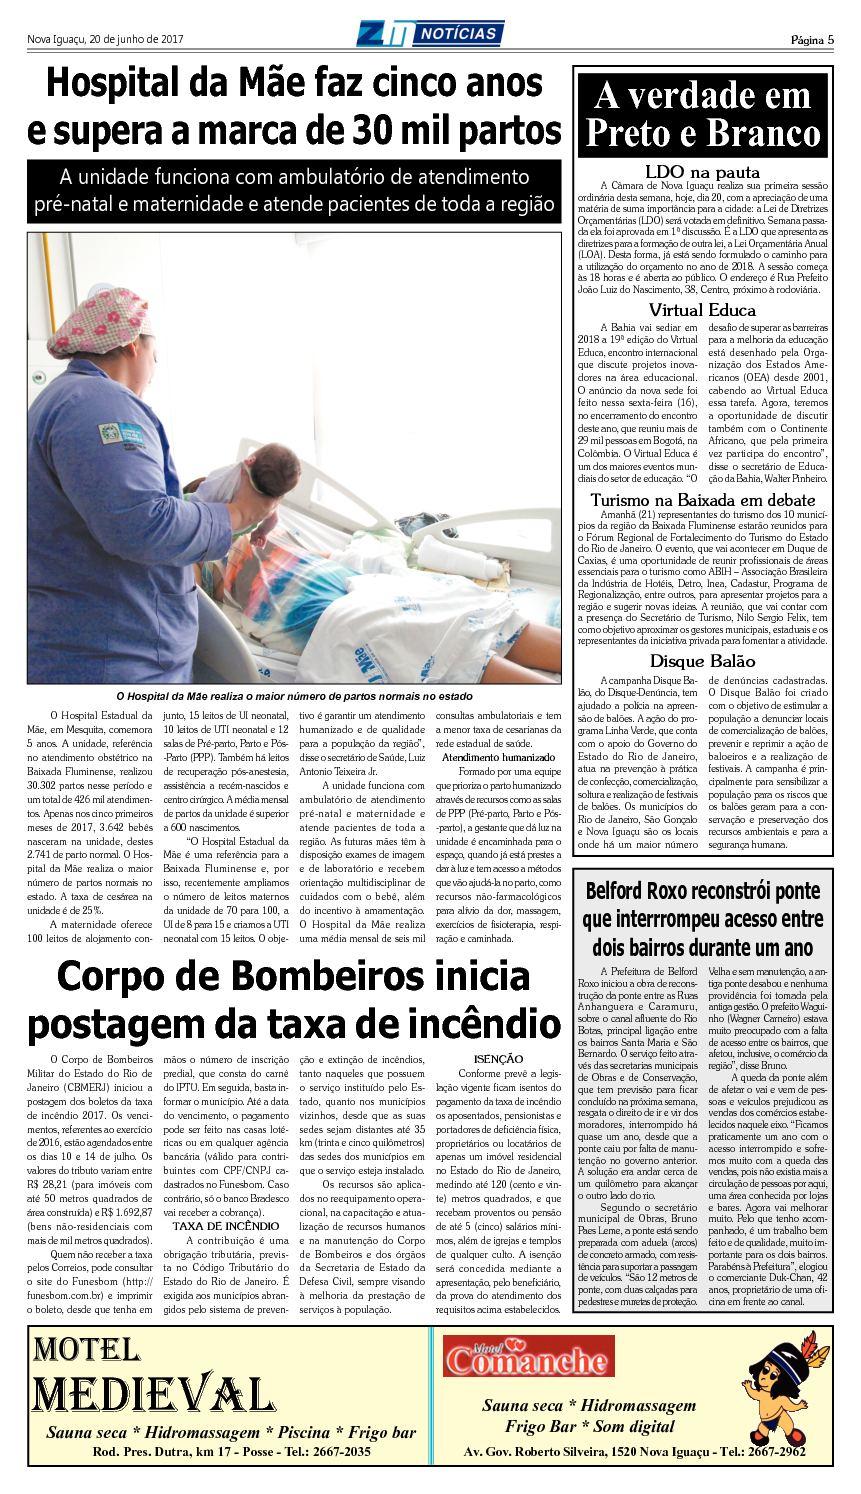 Zm Noticias - Edição 200617 - Calameo Downloader avec Taxe Piscine 2017